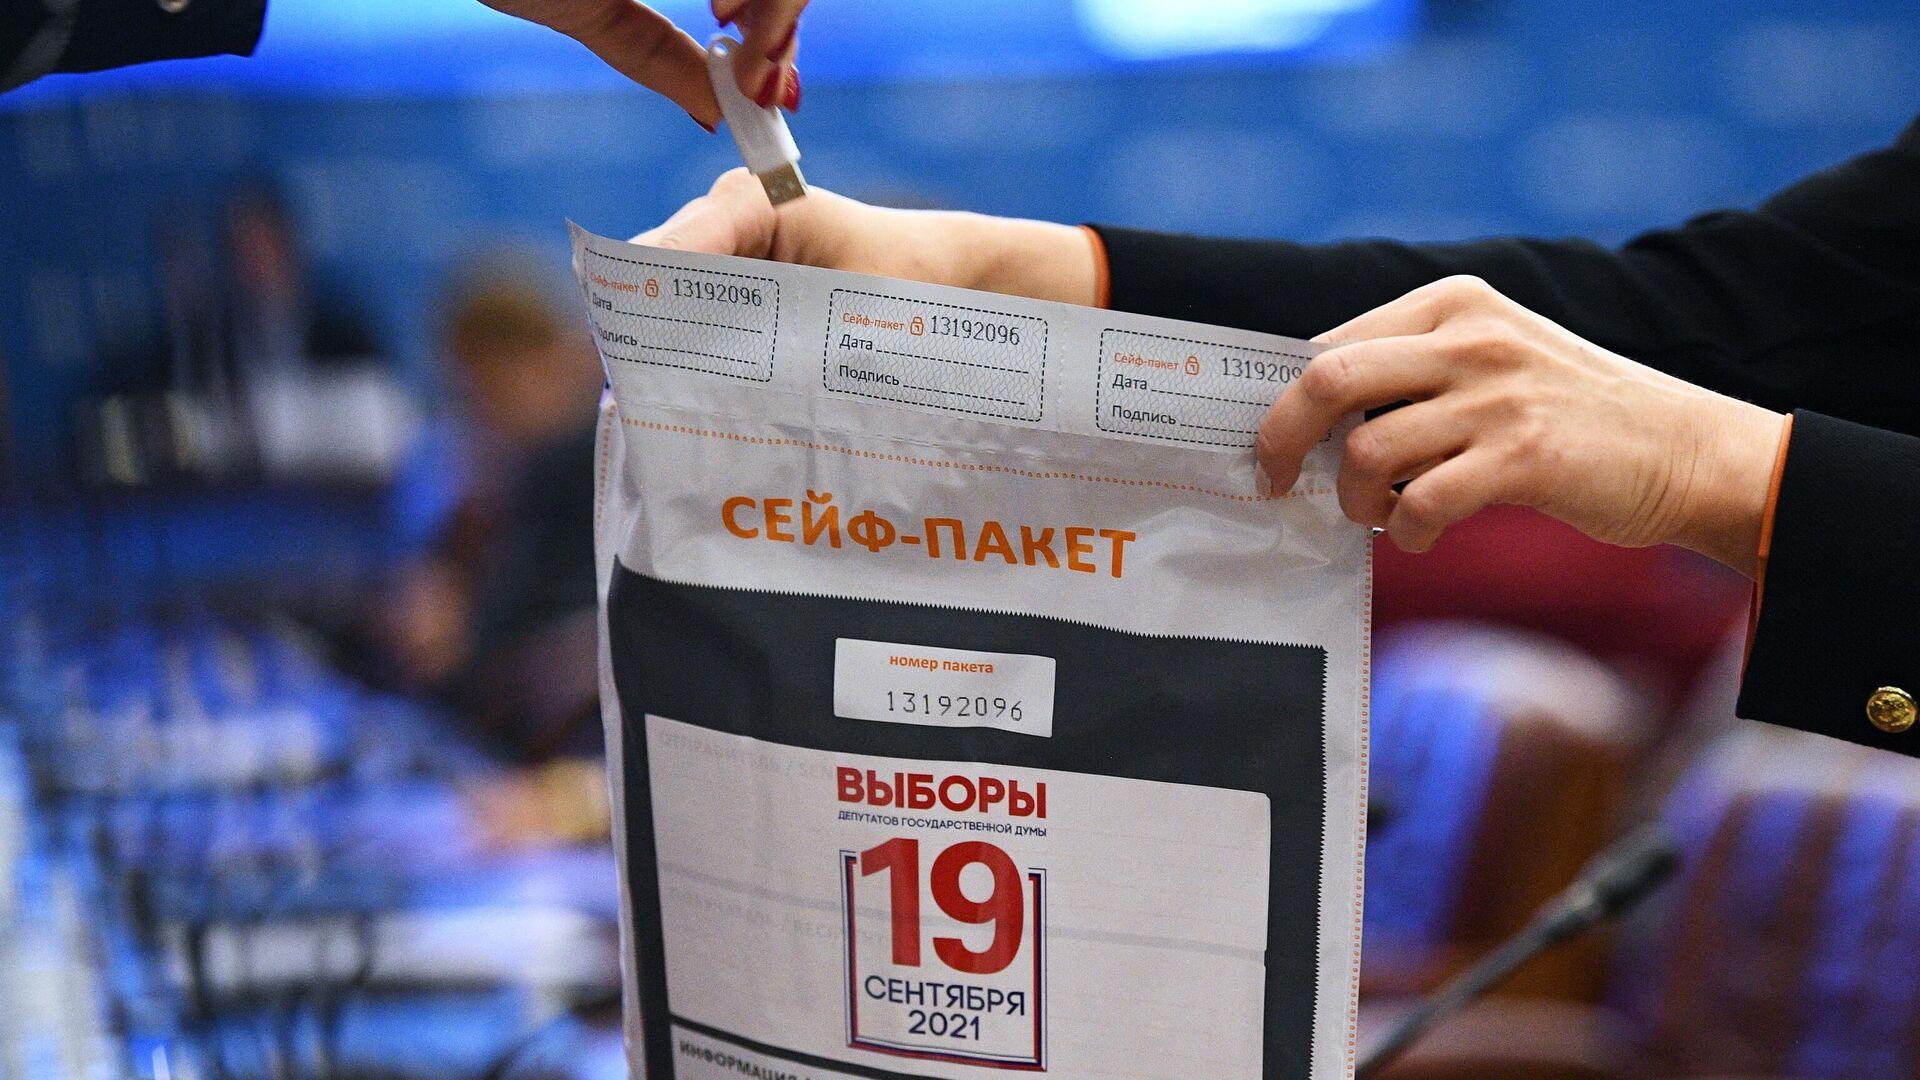 Демонстрация подготовки к дистанционному электронному голосованию (ДЭГ) - Sputnik Армения, 1920, 18.09.2021